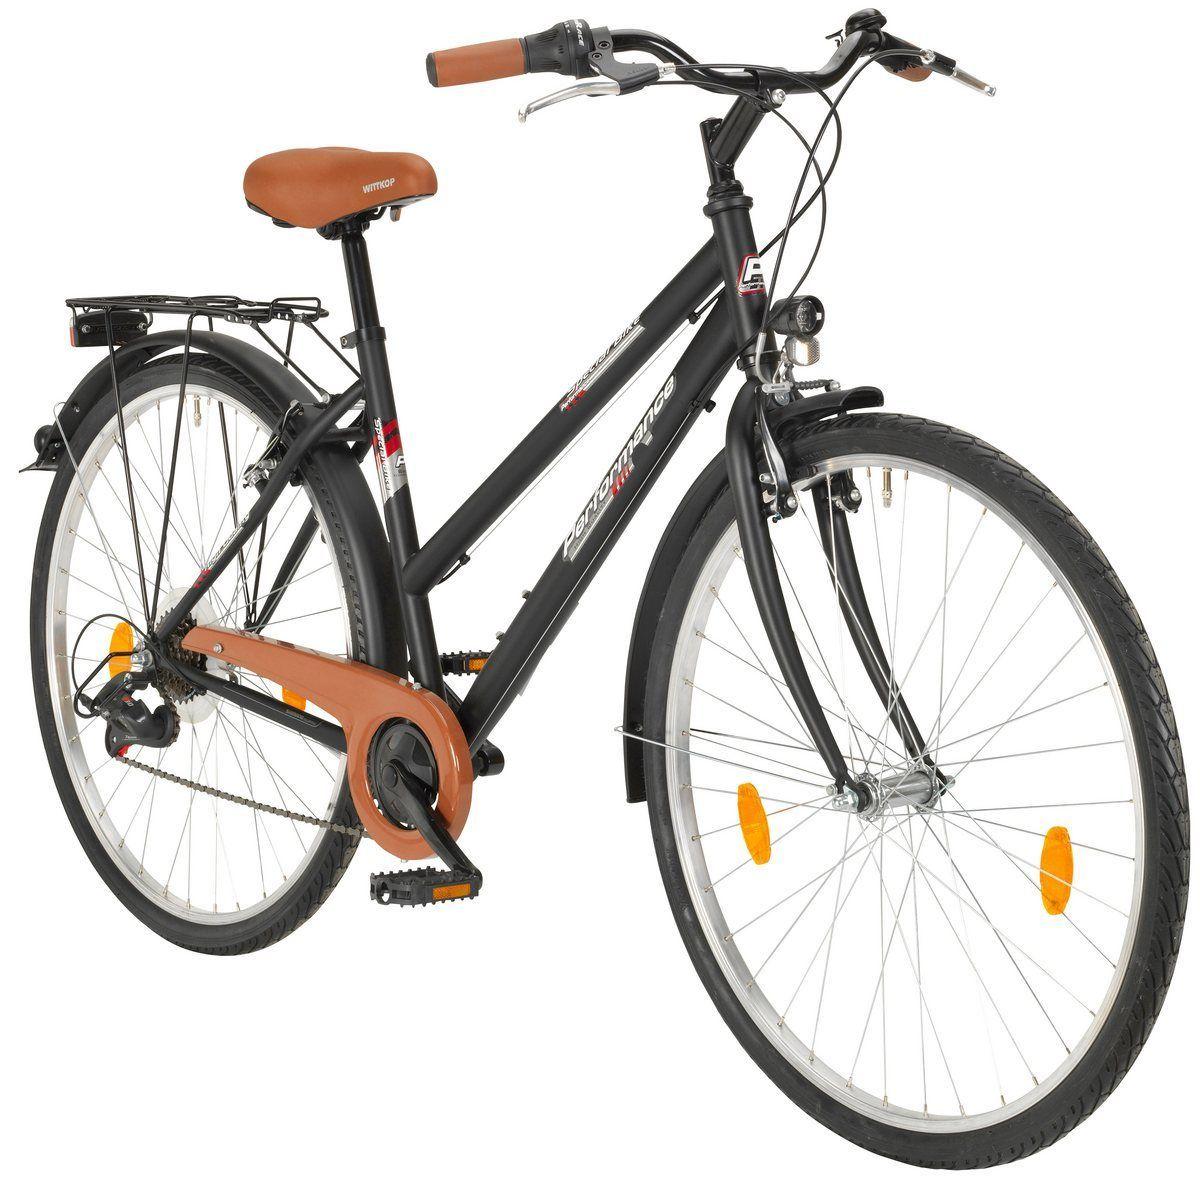 28 Quot Zoll Damen Trekking Fahrrad 6 Gang Coppi Sorrento City Damenrad Trekkingrad In Sport Radsport Fahrrader Ebay Trekking Gang Bicycle